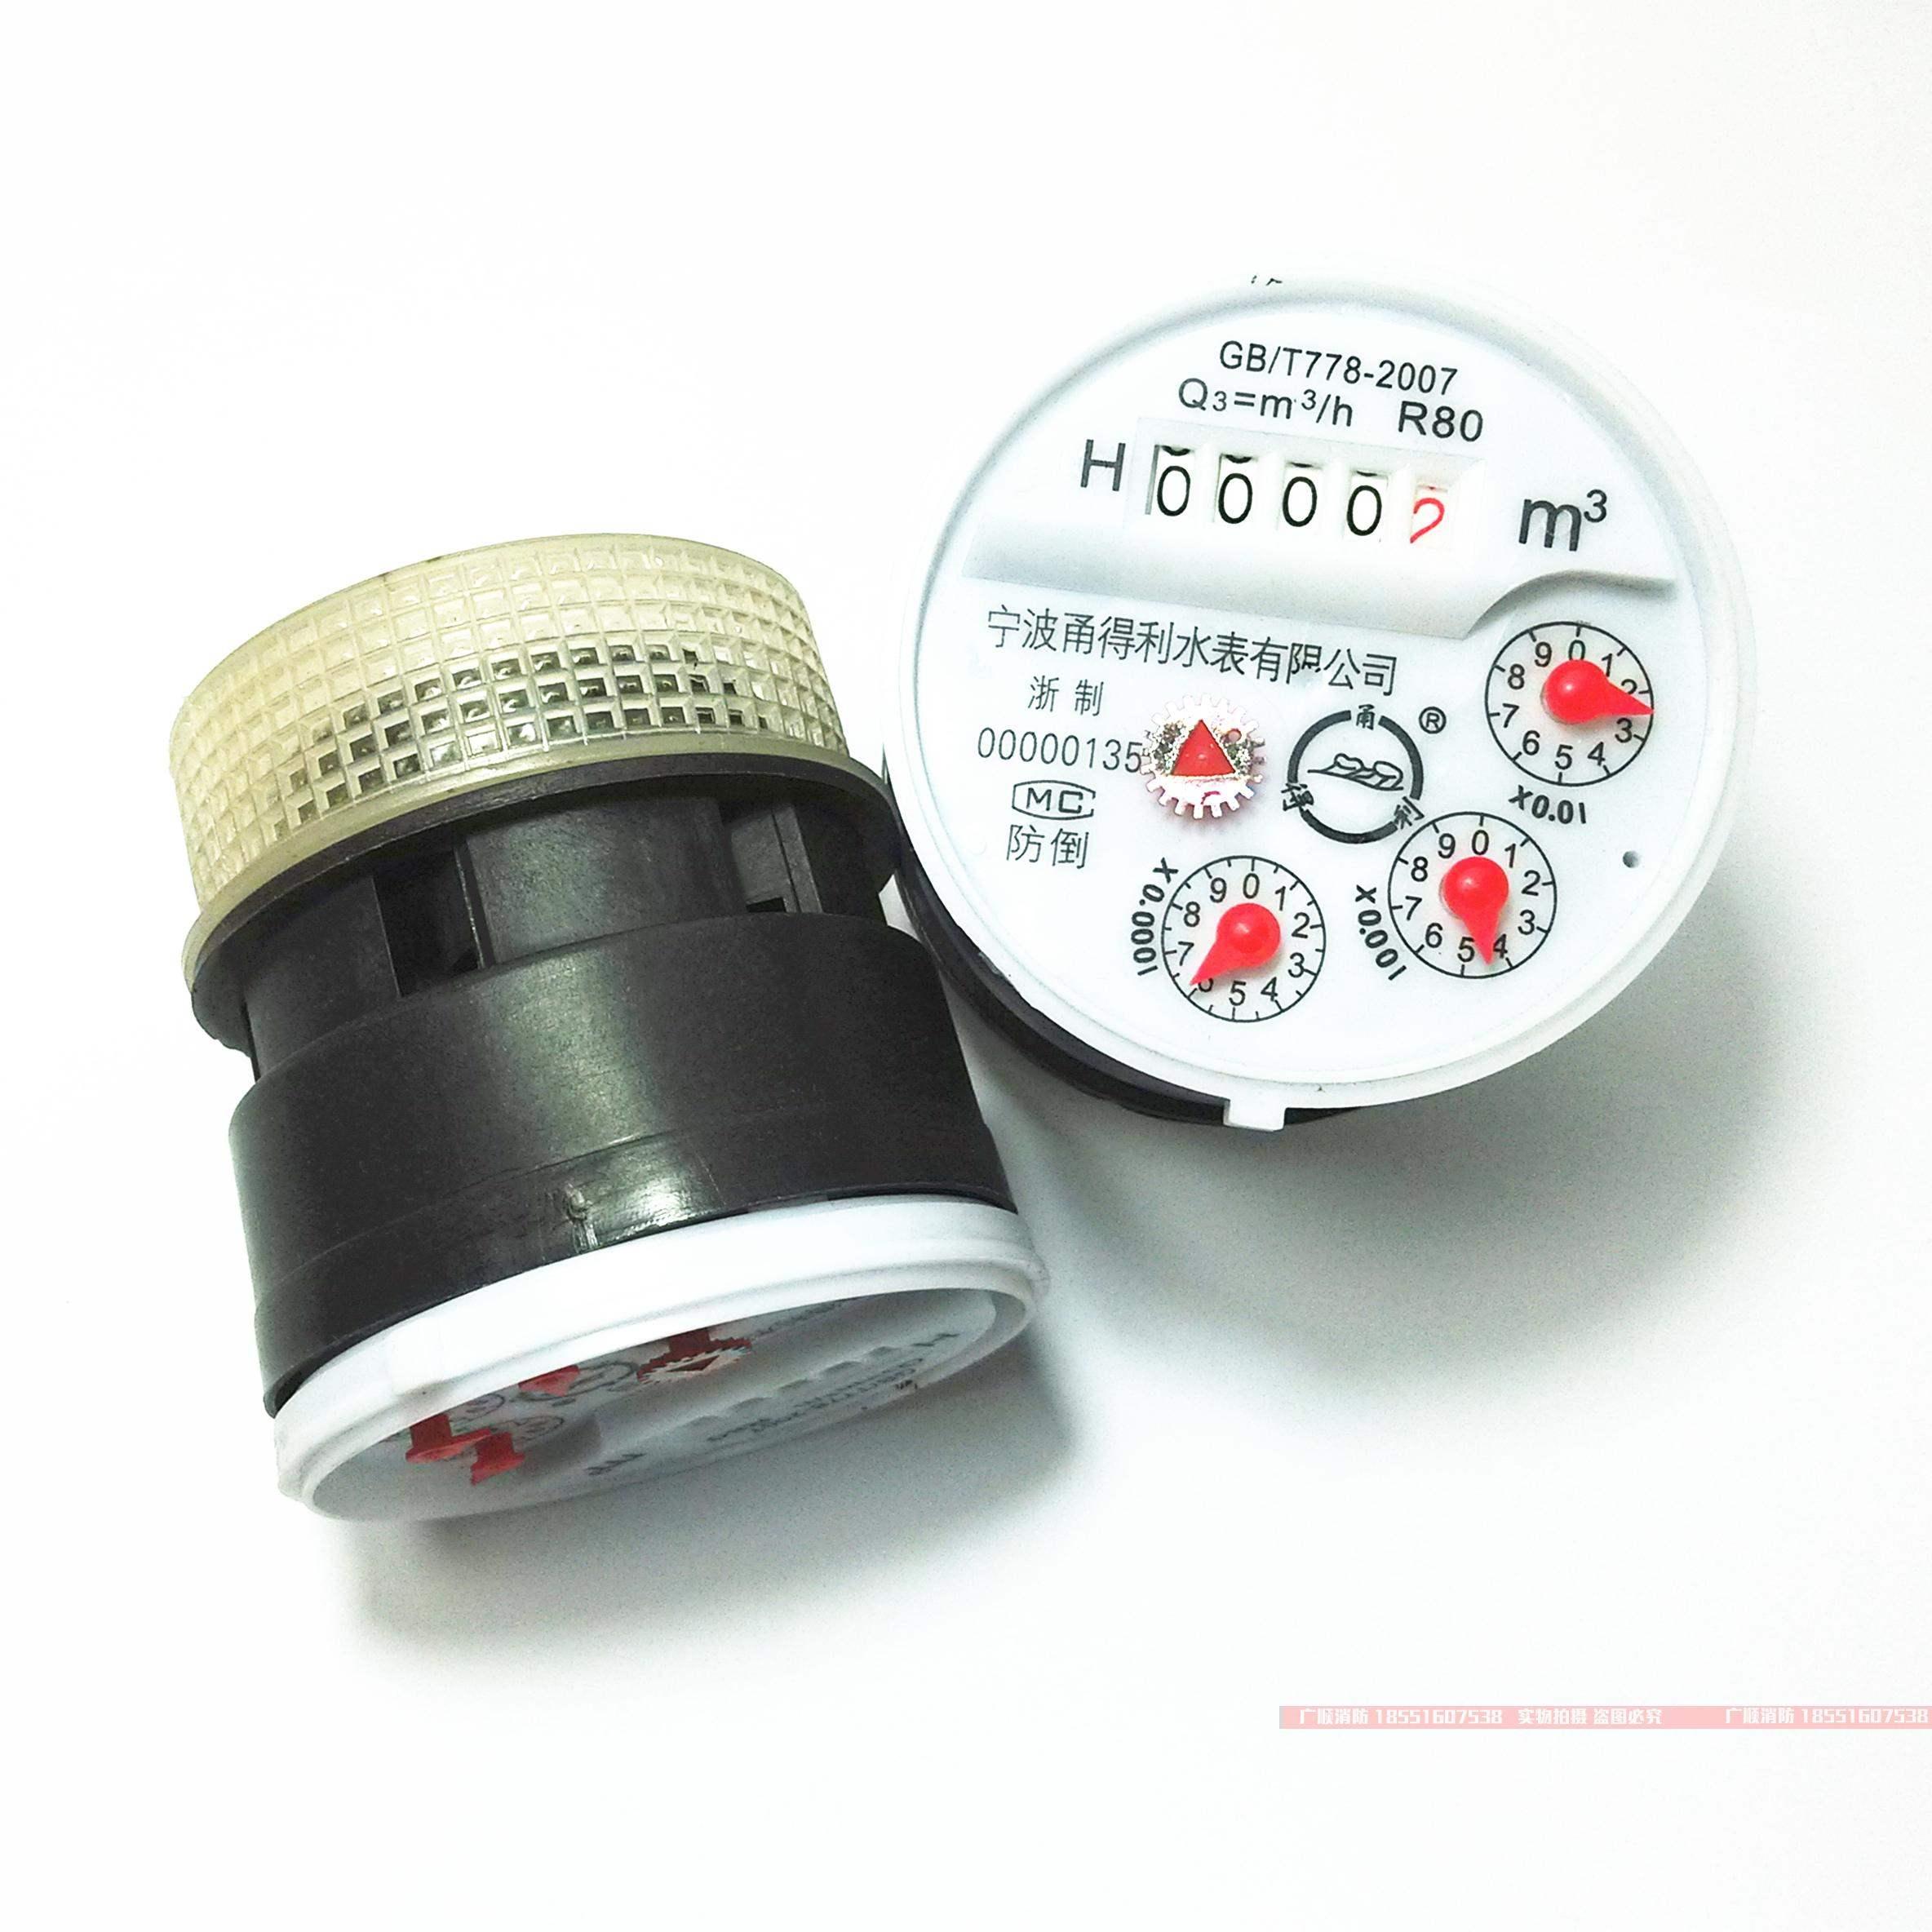 水表水表灵敏水表家用水表配件机芯表心高防滴水表芯液封表芯机芯